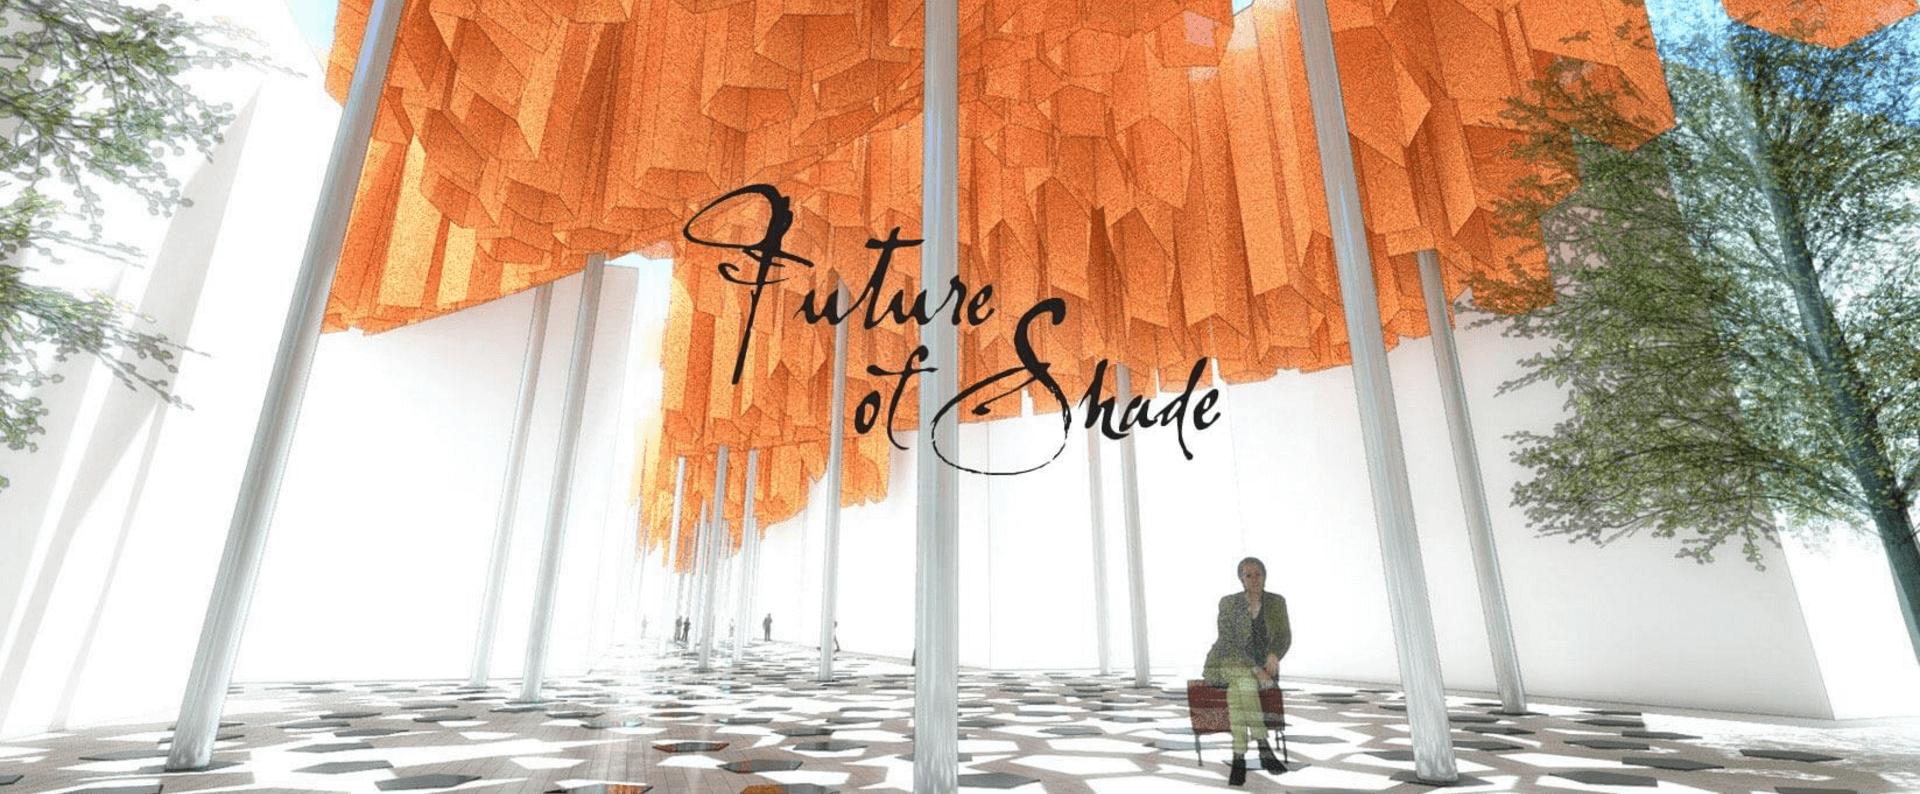 Future of Shade concept featuring hanging orange structures of Sunbrella fabrics